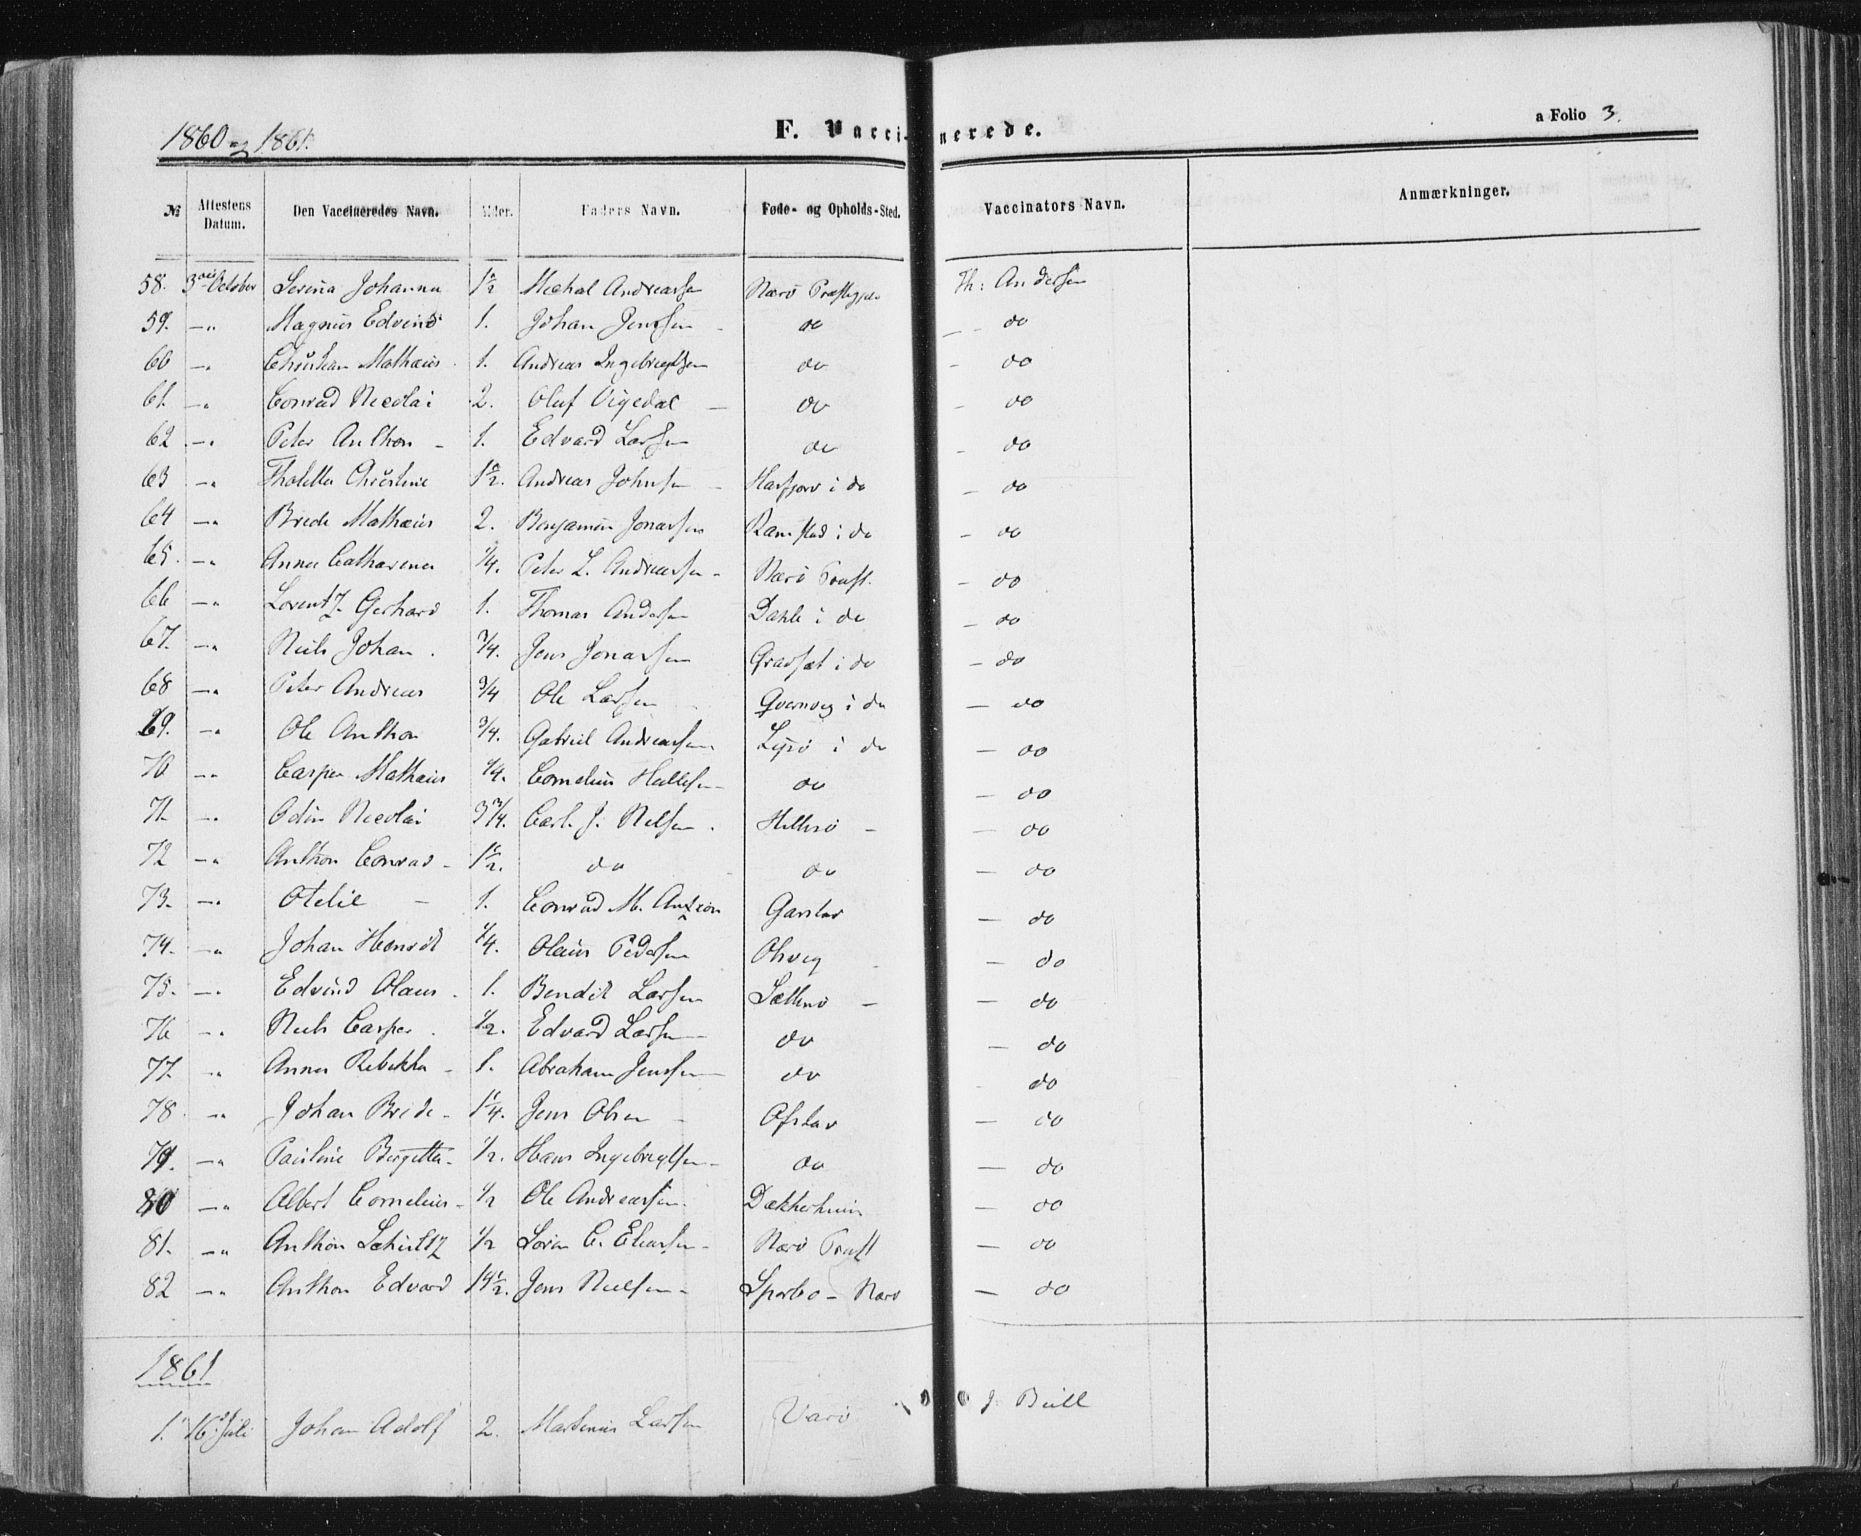 SAT, Ministerialprotokoller, klokkerbøker og fødselsregistre - Nord-Trøndelag, 784/L0670: Ministerialbok nr. 784A05, 1860-1876, s. 3